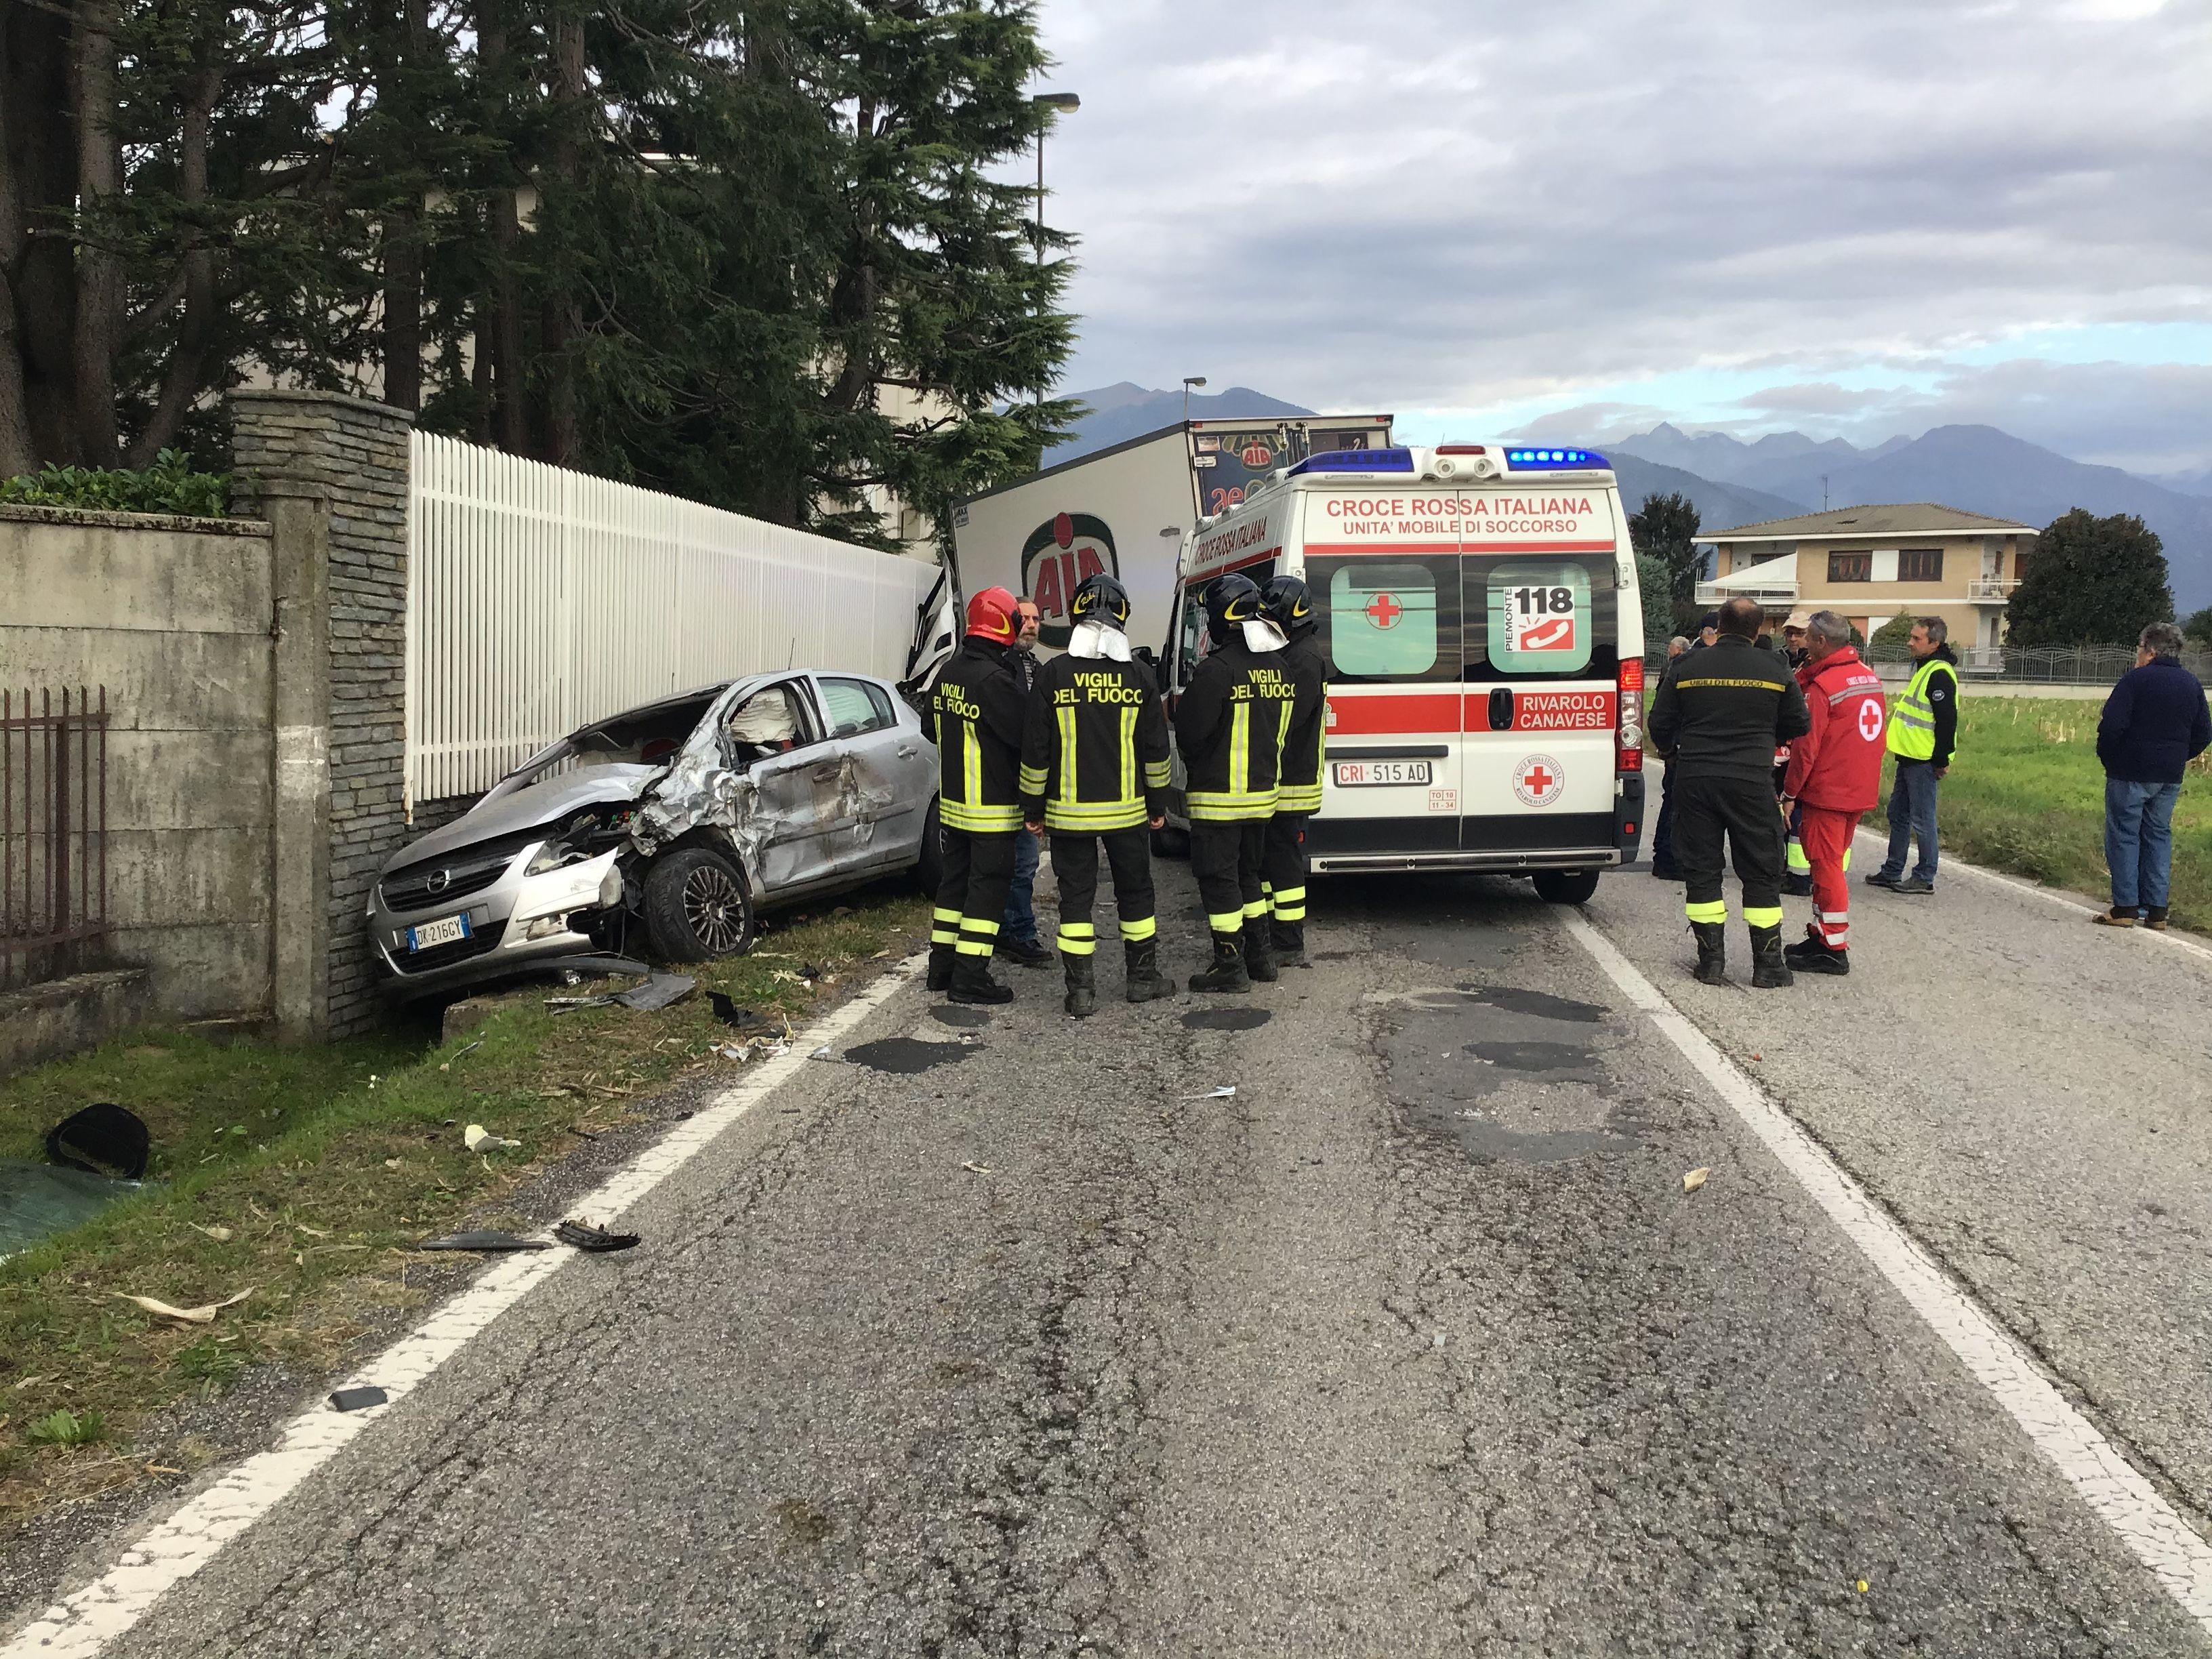 VALPERGA-SALASSA - Incidente stradale: camion contro auto, una ragazza ferita - FOTO E VIDEO